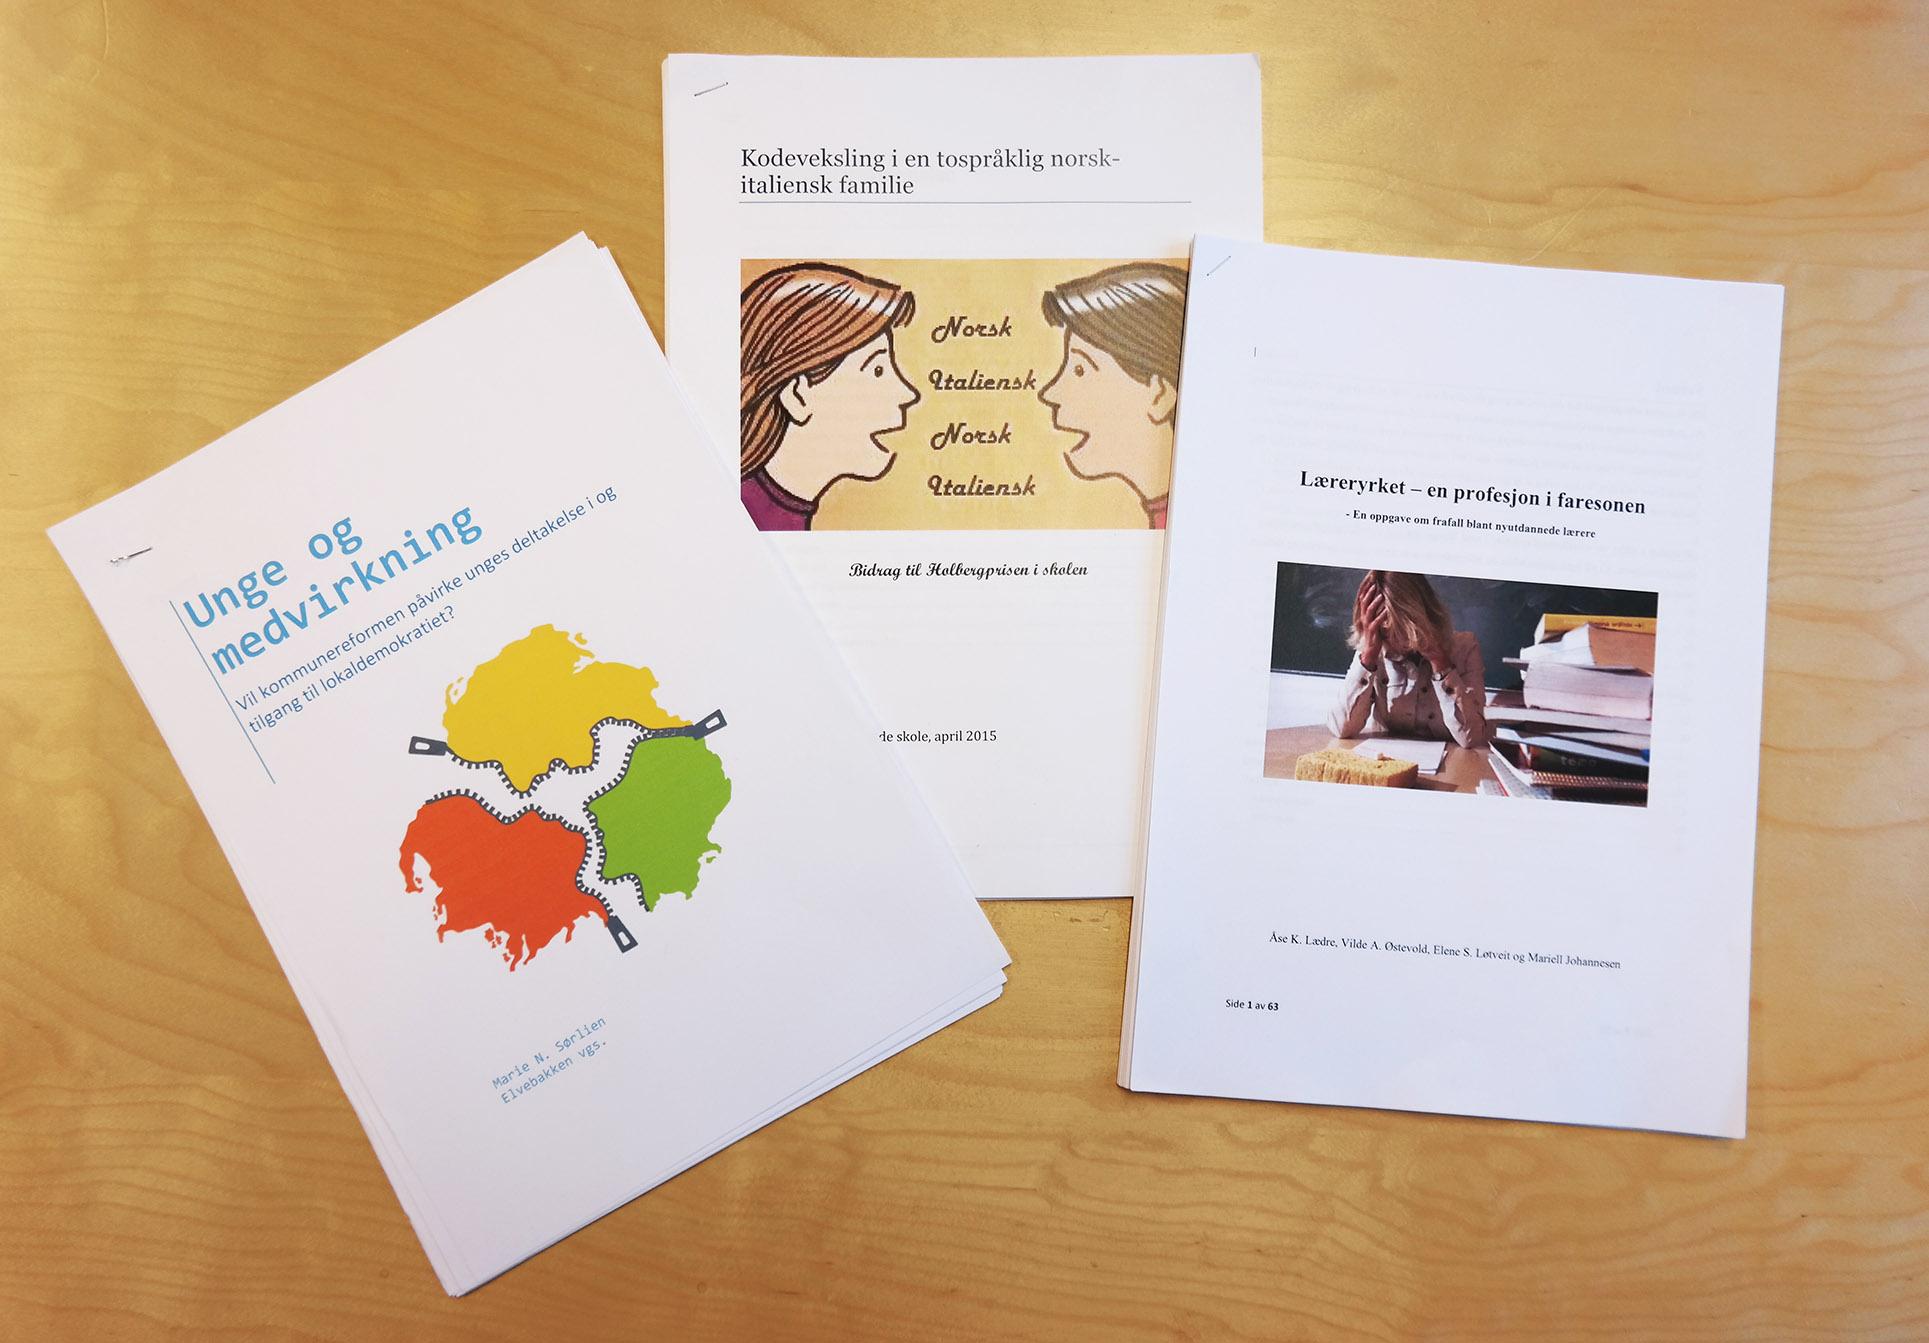 Holbergprisen i skolen_finalistoppgaver